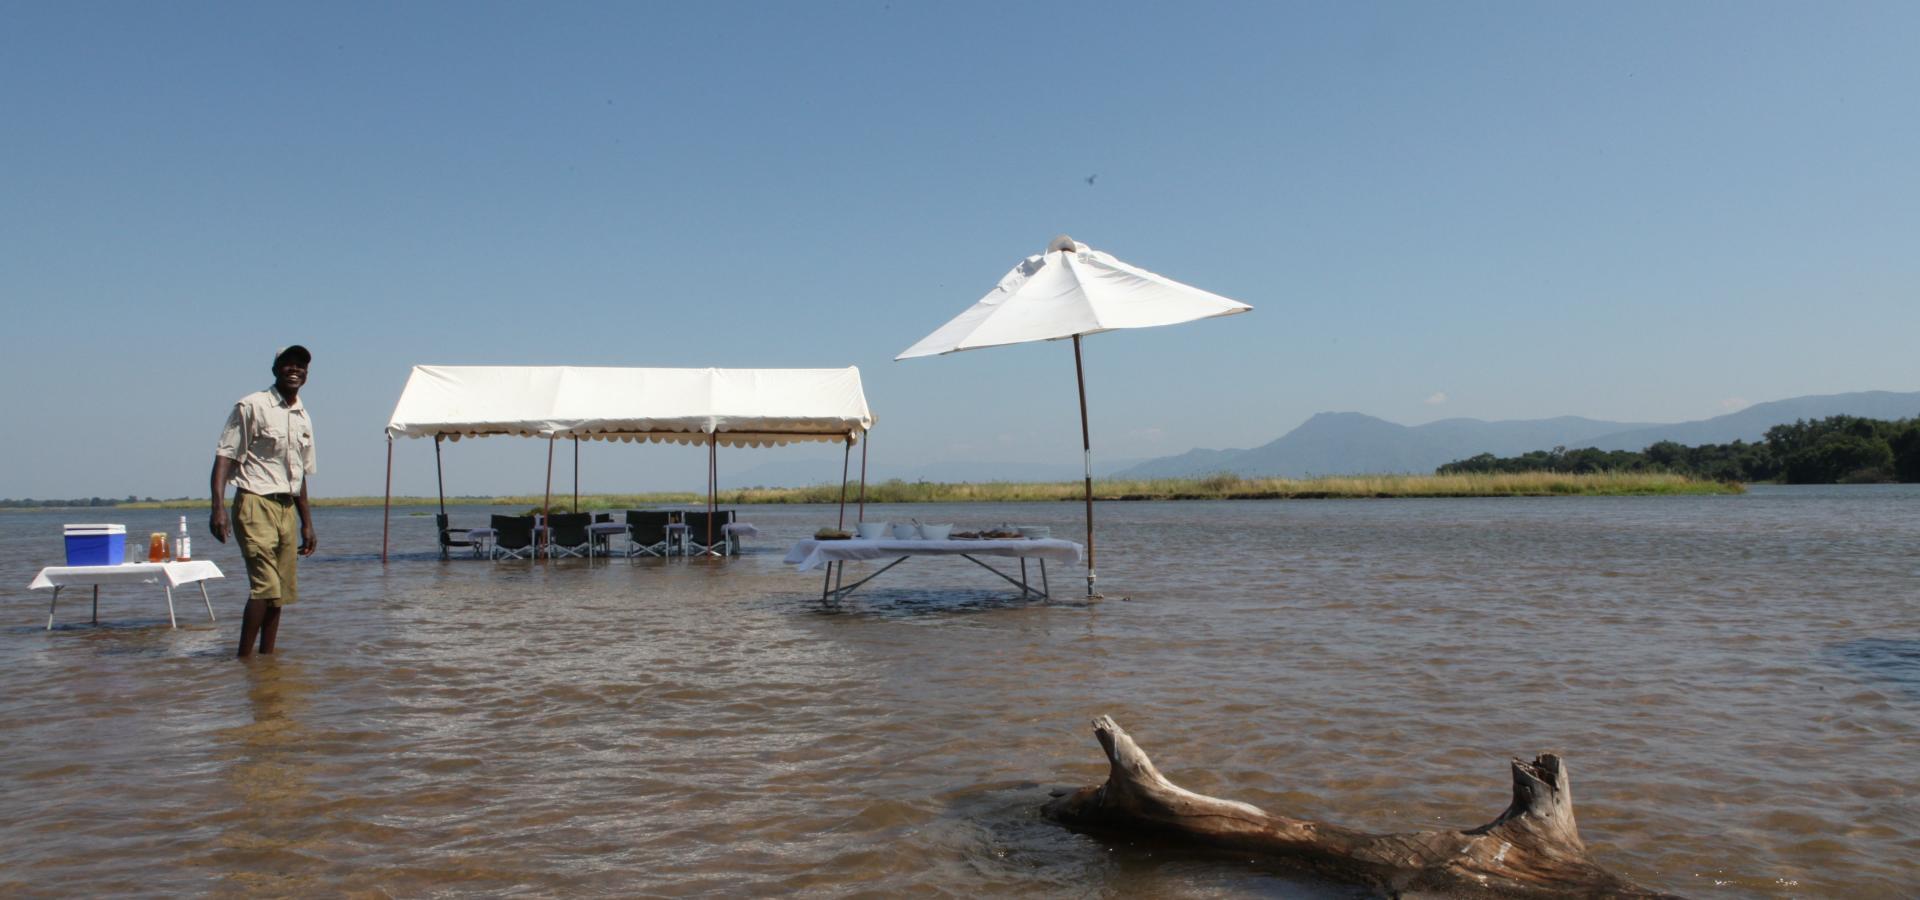 Nehmen Sie Ihr Lunch im seichten Wasser des Zambezi Flusses in einer einzigartigen Kulisse ein